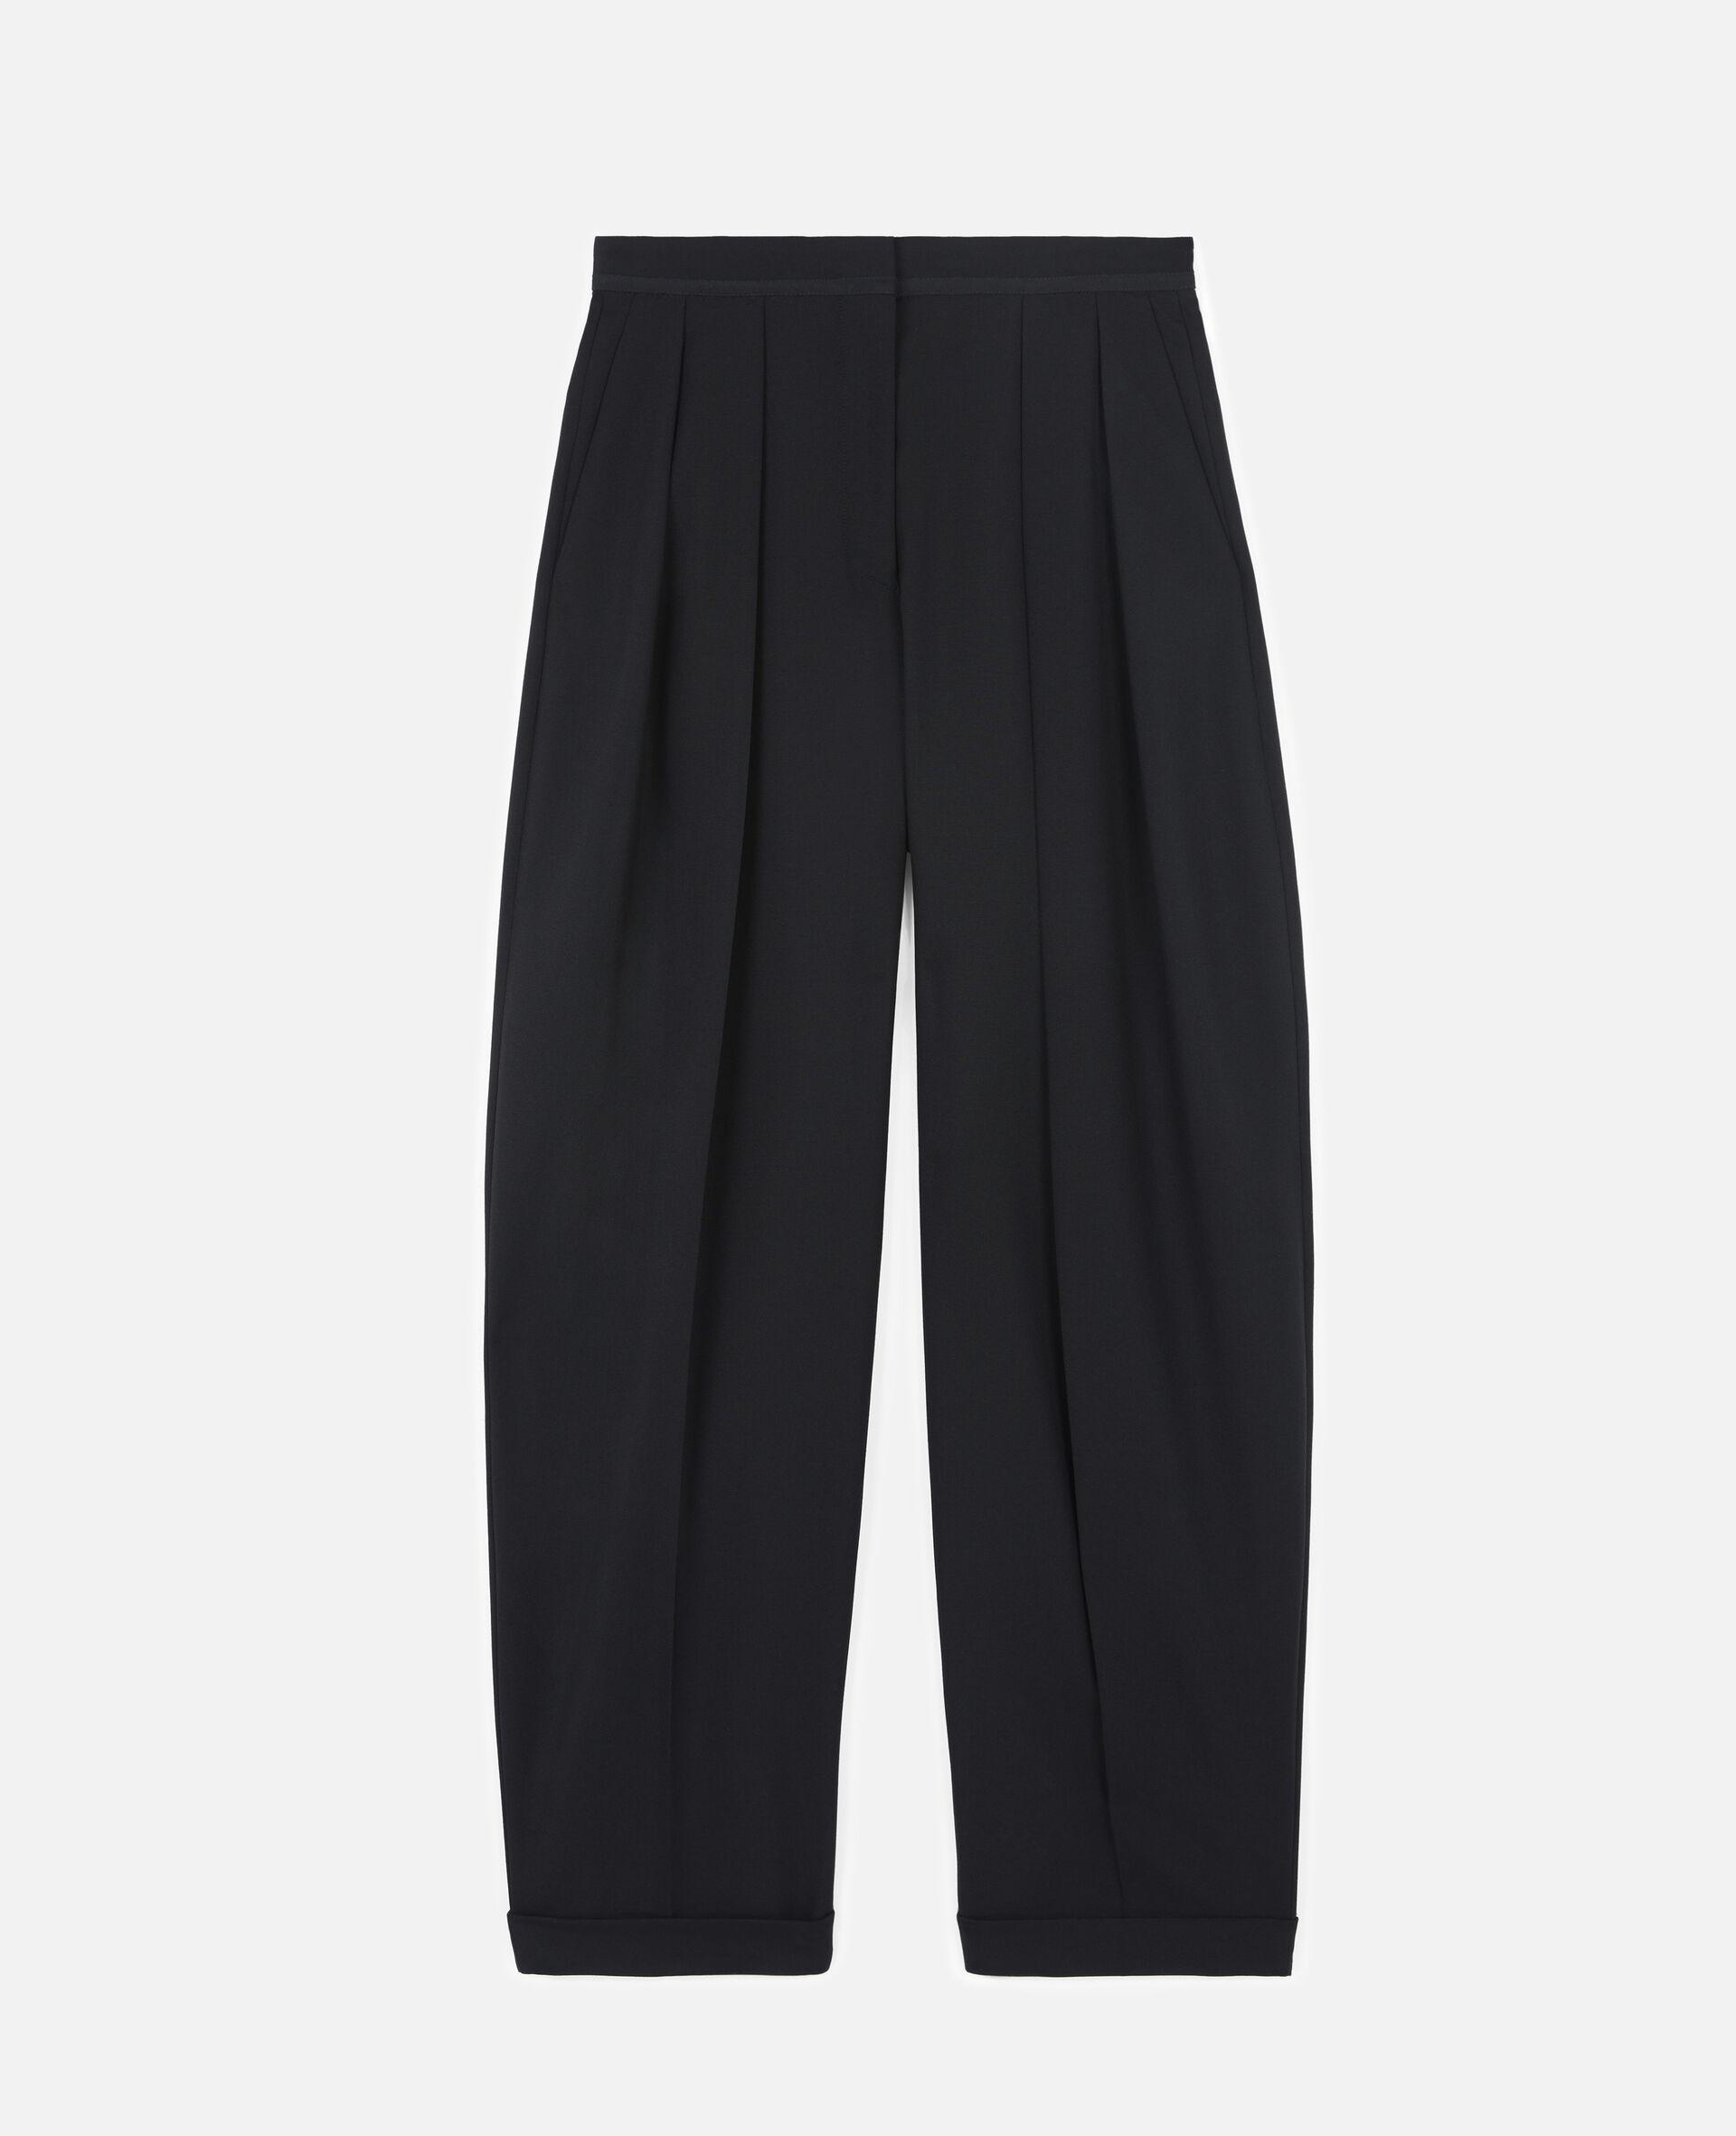 Deborah Wool Trousers-Black-large image number 0